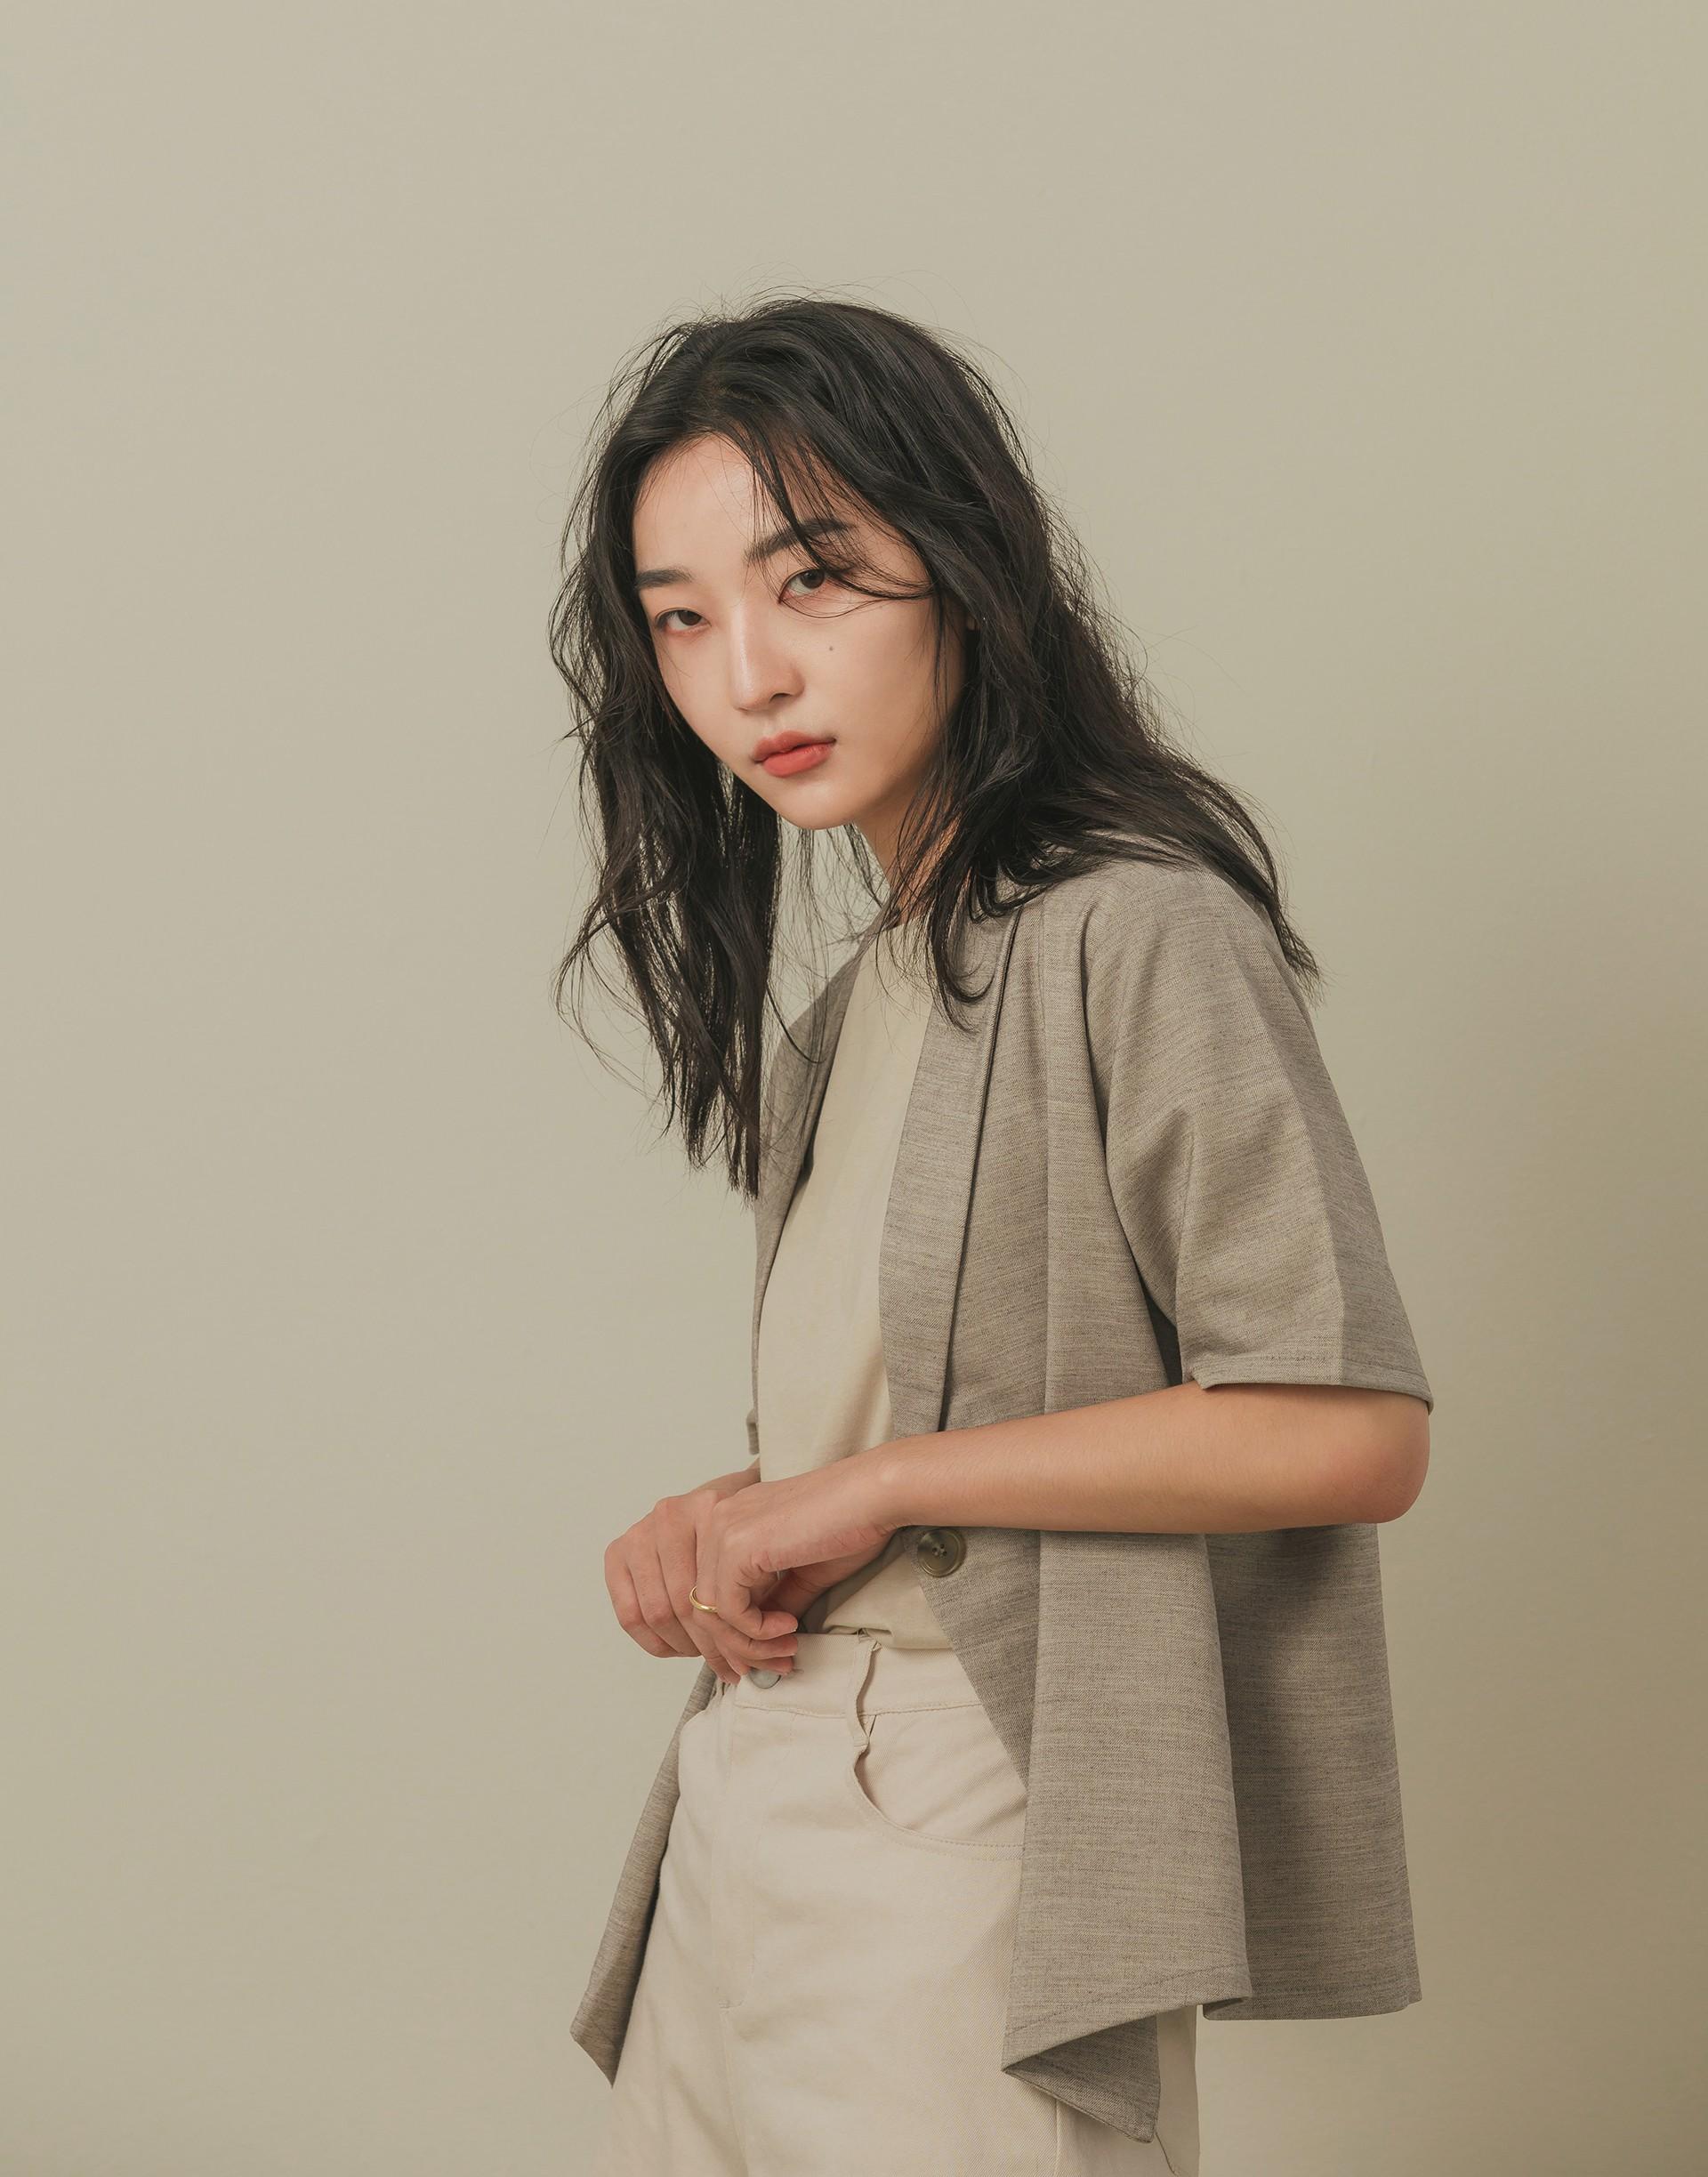 彈性:適中 表面有紋理的西裝棉質料、單釦、連領式、五分袖設計